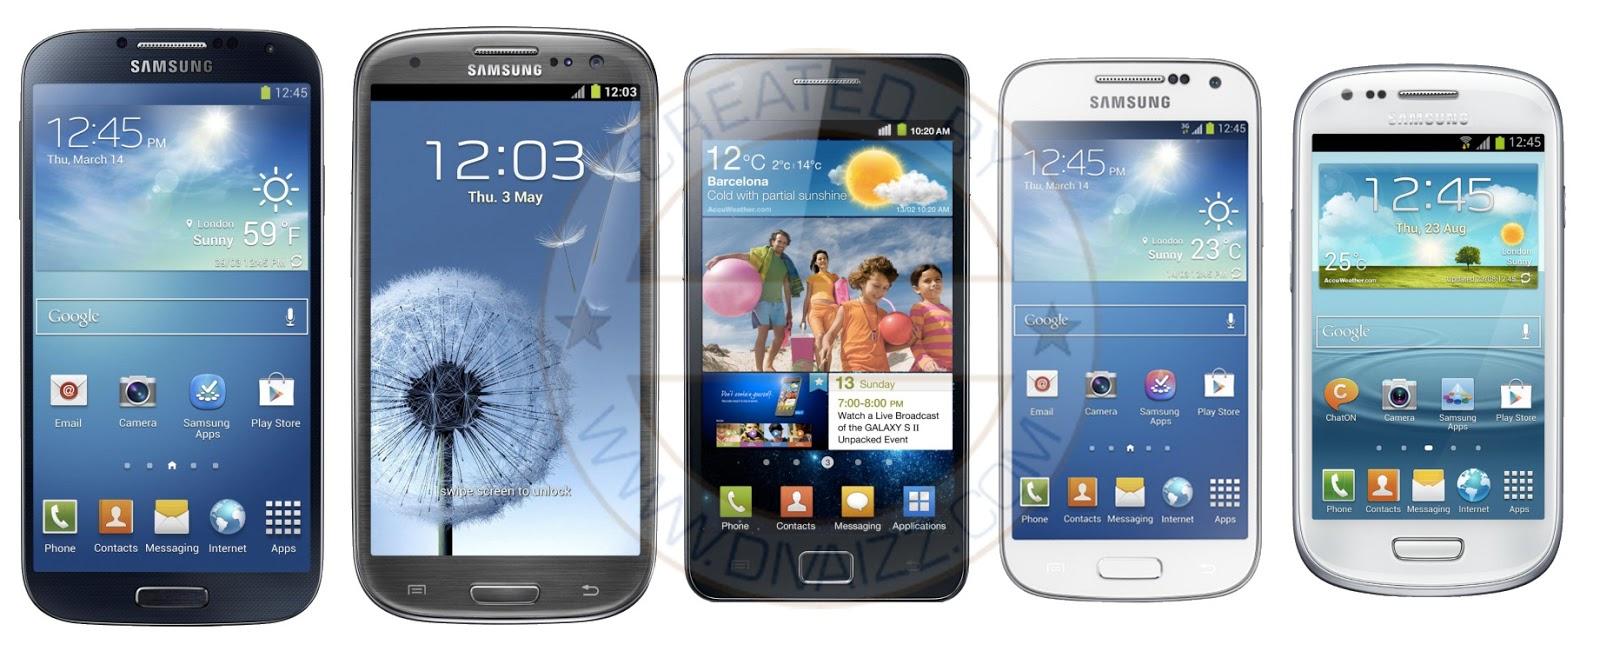 Firmware Samsung Galaxy - www.divaizz.com